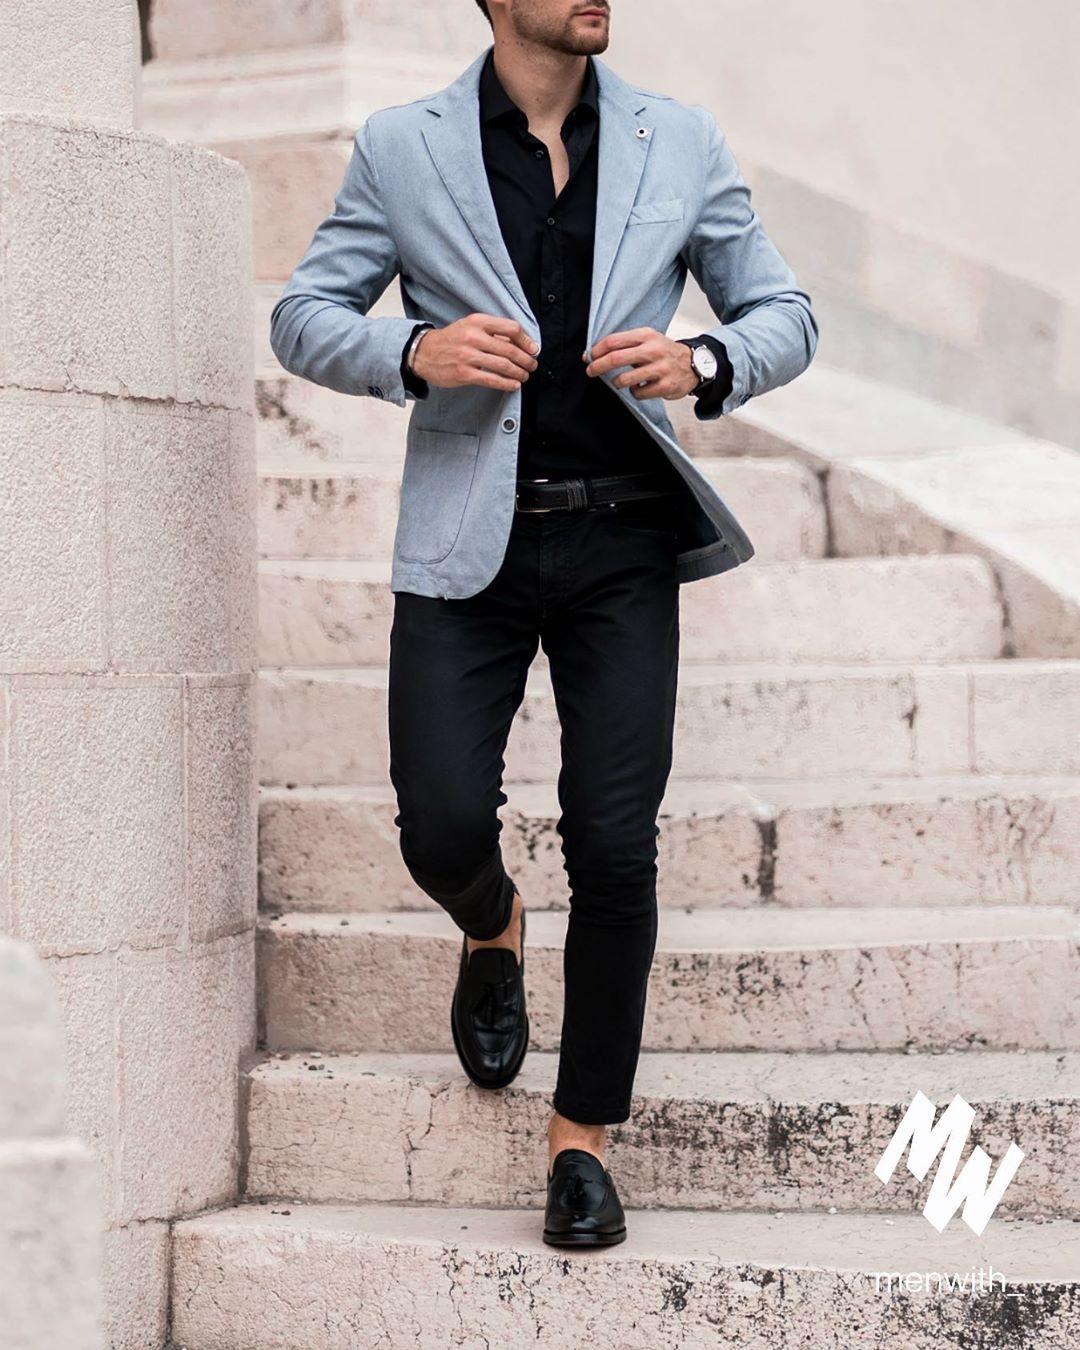 Sơ mi đen mốt áo giúp chàng thanh lịch hơn dù diện xuống phố mạnh mẽ